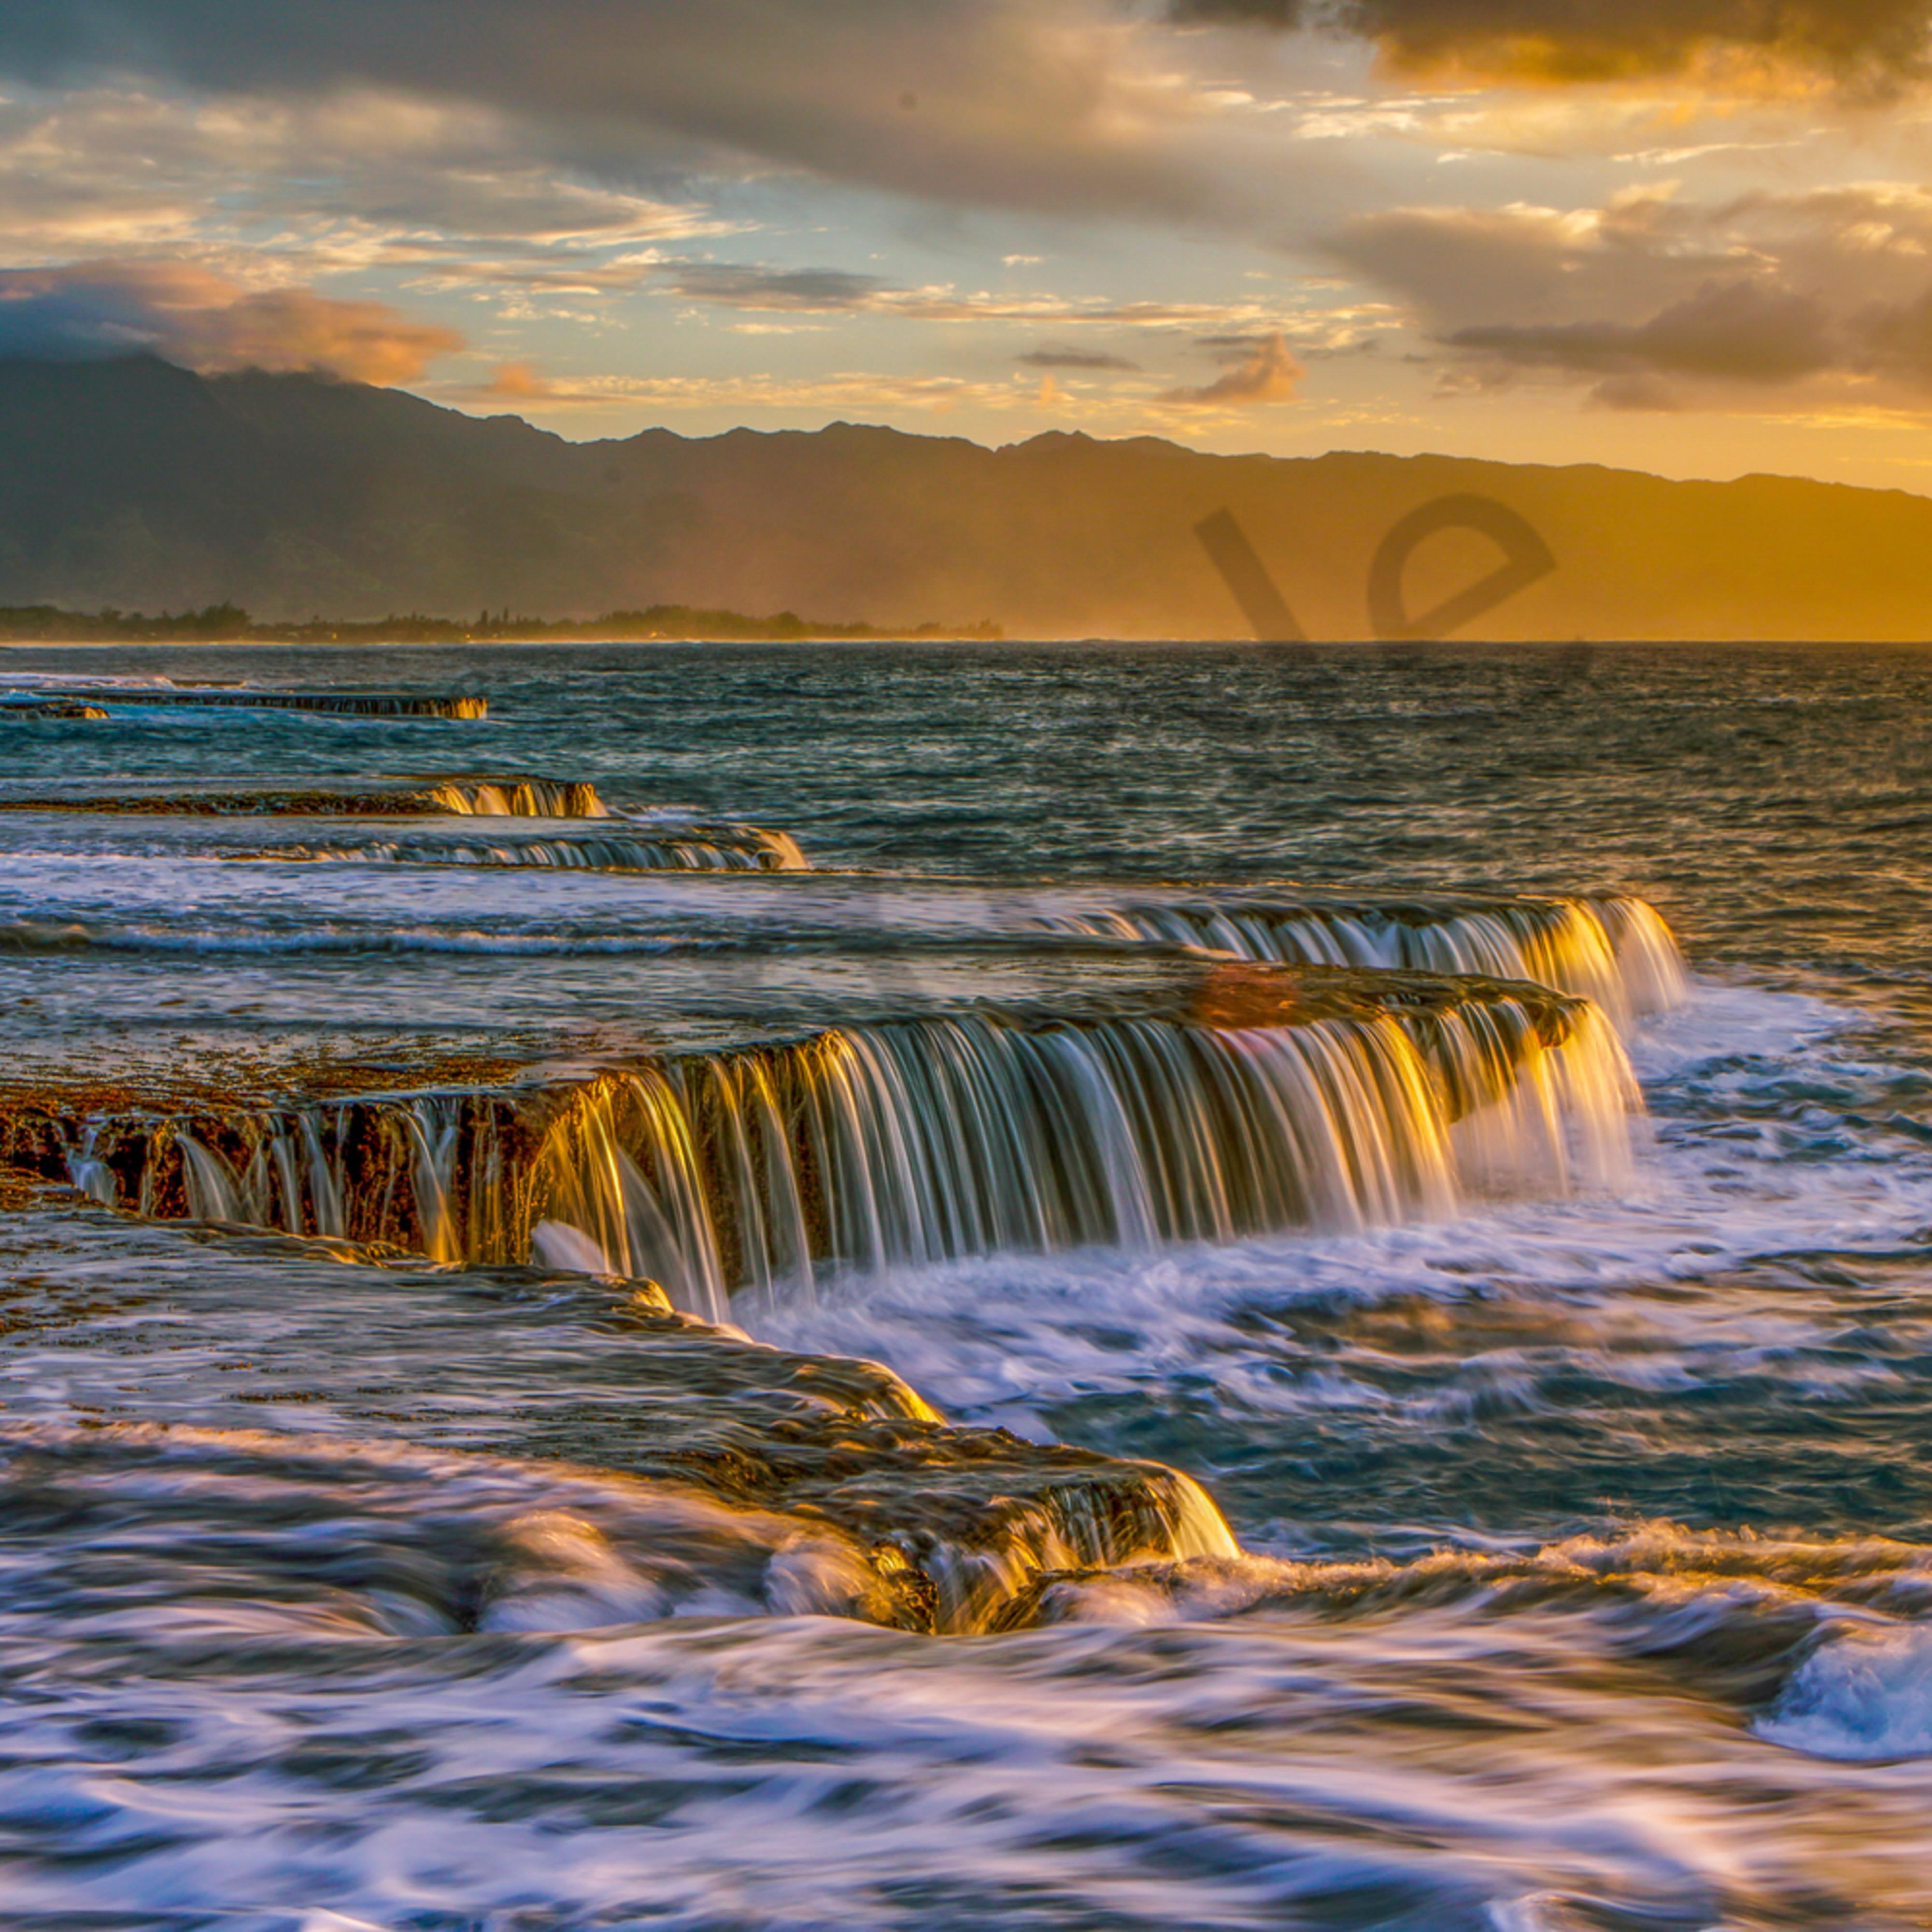 Ocean falls ww36 rg3zk5